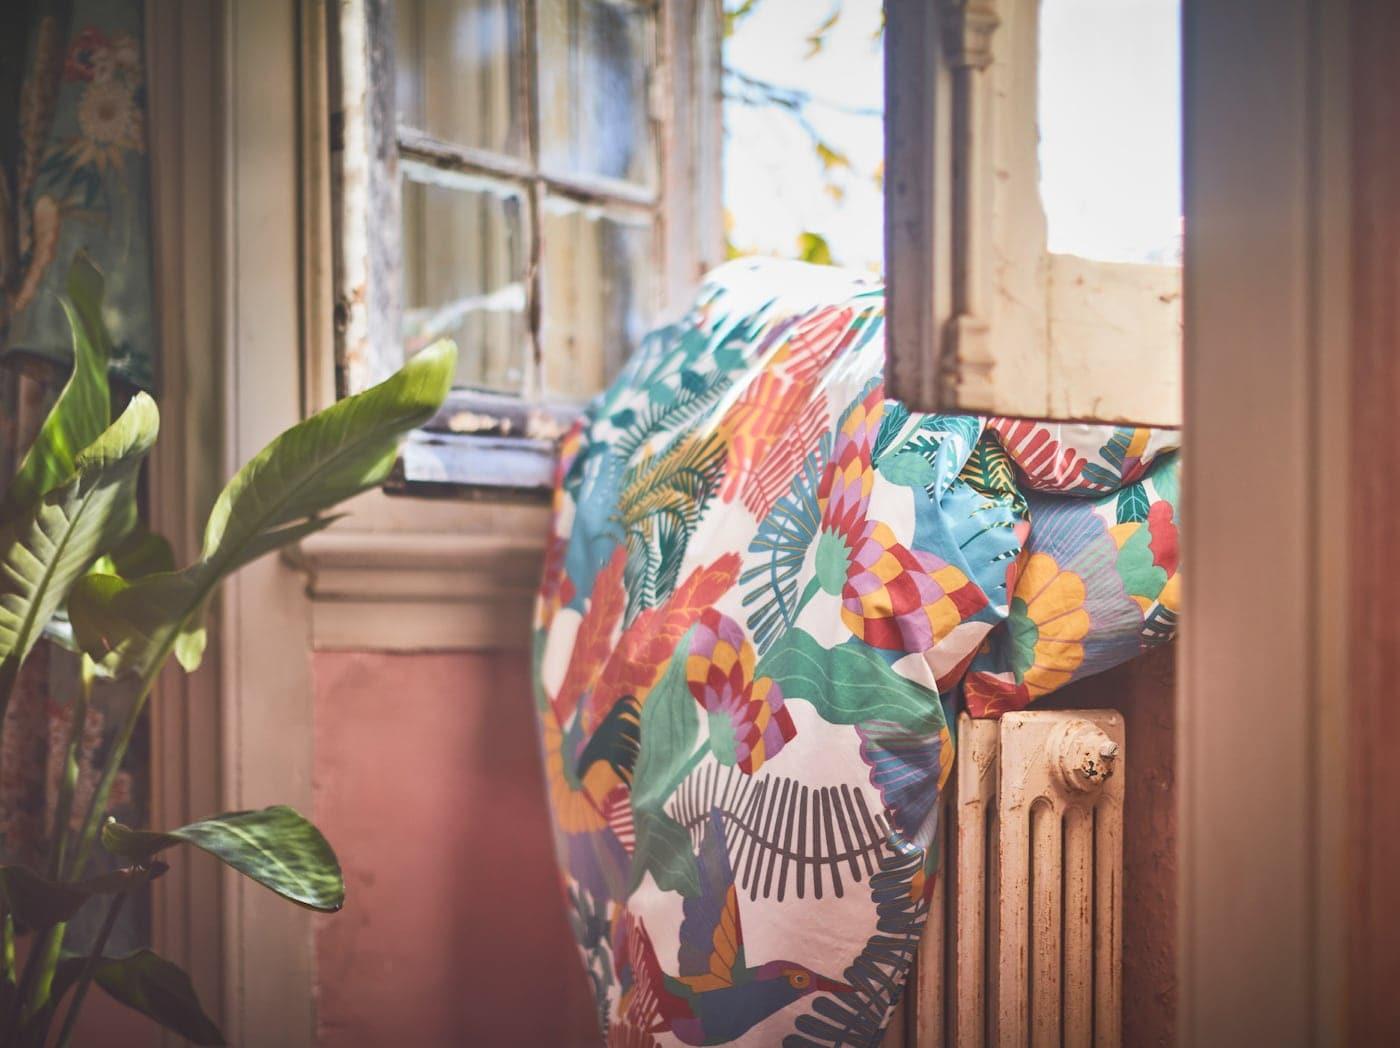 Povlečení SKOGSFIBBLA s barevným vzorem, položené na parapetu otevřeného okna